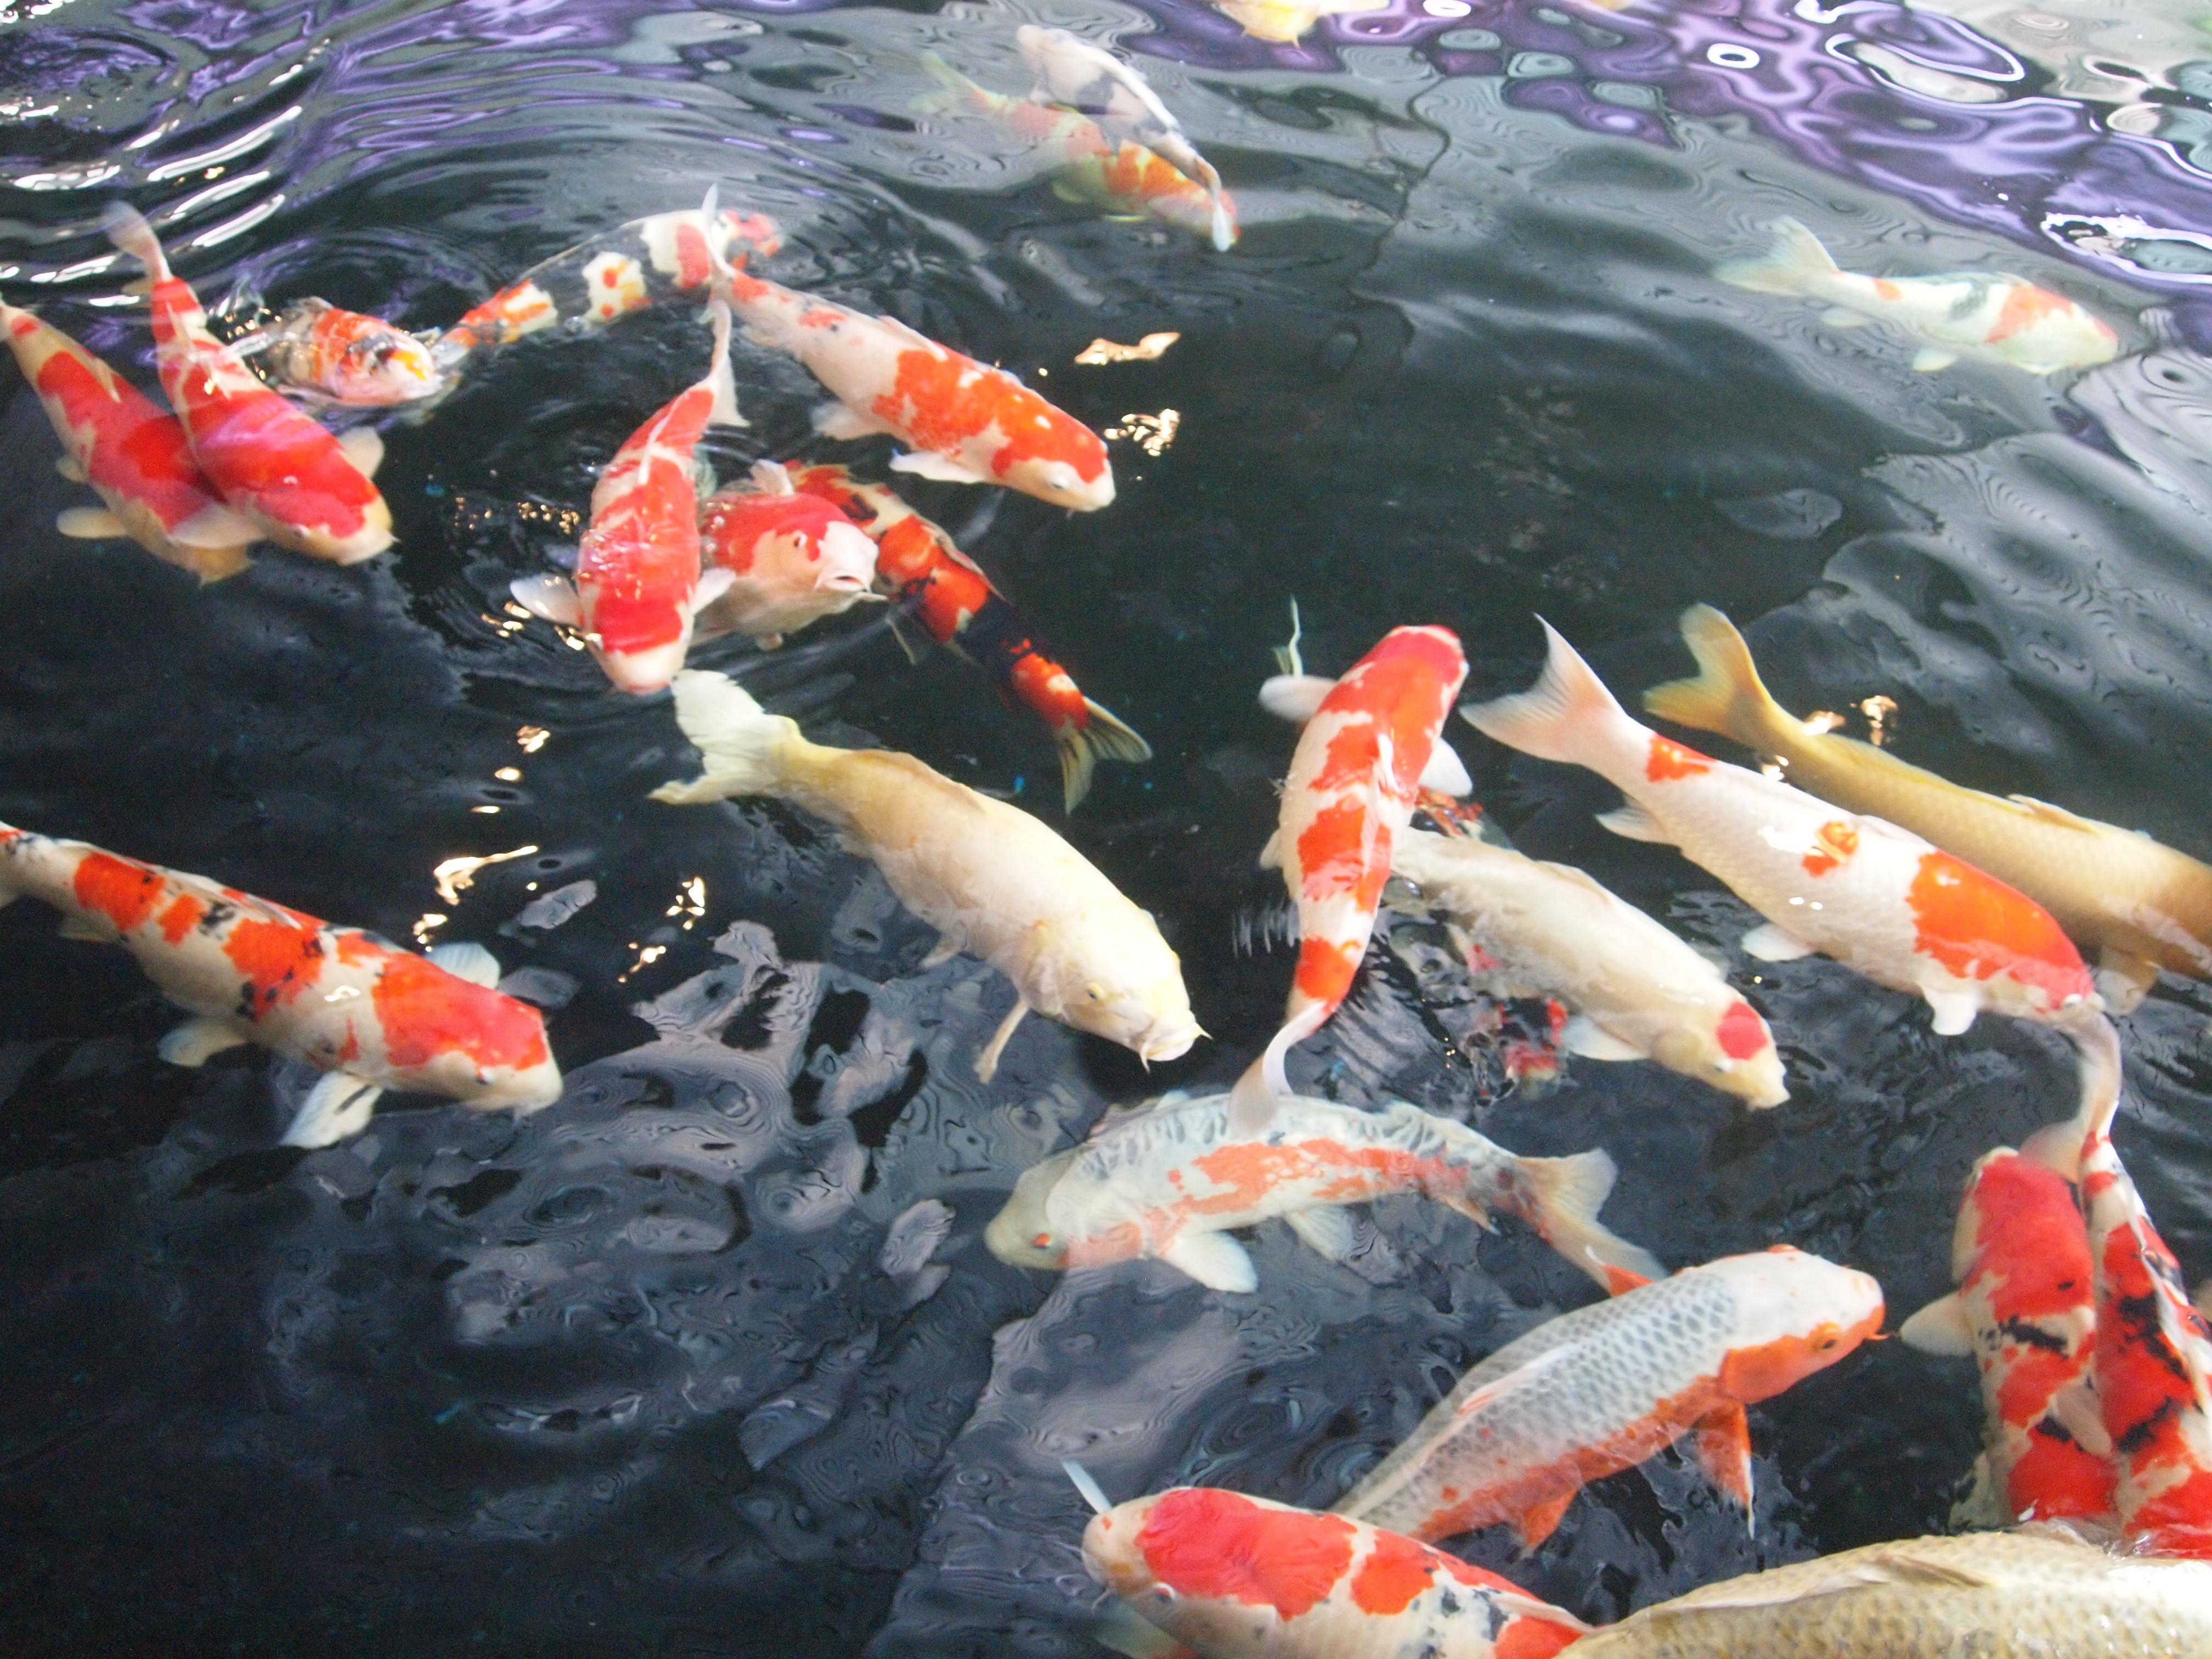 日本人都把锦鲤鱼叫做国鱼。